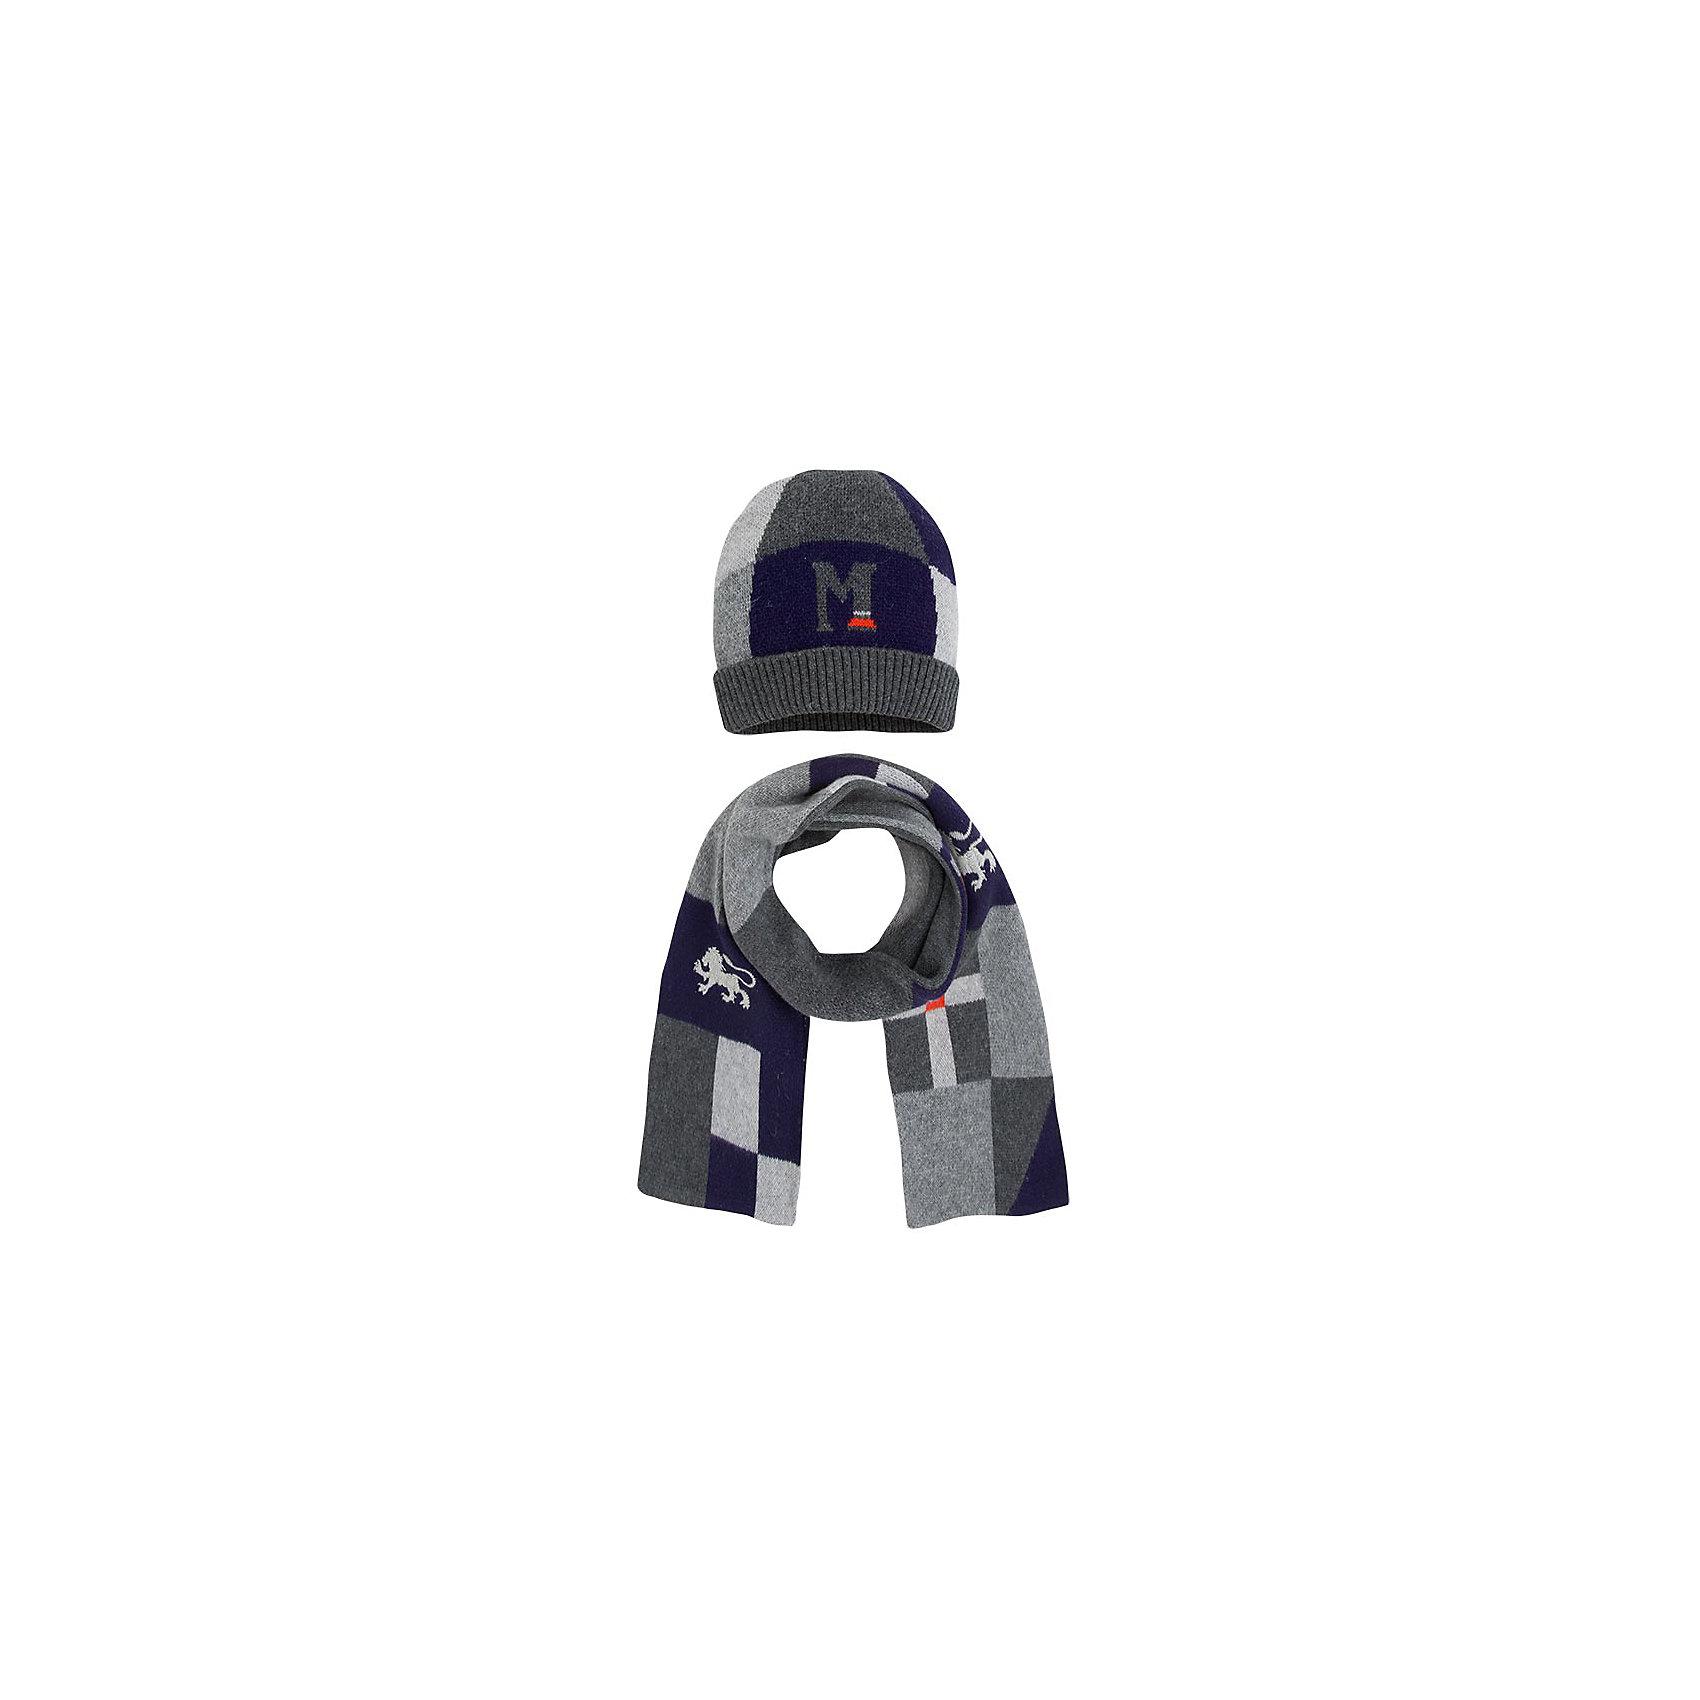 Комплект: шапка и шарф для мальчика MayoralКомплект: шапка и шарф для мальчика от известной испанской марки Mayoral.<br><br>Красивый вязаный комплект из двух предметов может обеспечить ребенку тепло и комфорт в холодную погоду. <br>Модель имеет следующие особенности:<br><br>- цвета – синий, серый;<br>- вязка плотная;<br>- в шапке - два слоя;<br>- шарф - двухслойный, одна сторона -  с орнаментом, вторая - серая.<br><br>Состав: 60% хлопок, 30% полиамид, 10% шерсть<br>Уход за изделием:<br><br>• стирка при температуре до 30°С,<br>• не отбеливать.<br>Габариты: р.L шарф - 125х21 см, шапка - (р.52-54)<br>Температурный режим: от -20 ° С до +5 ° С<br><br>Комплект: шапку и шарф для мальчика Mayoral (Майорал) можно купить в нашем магазине.<br><br>Ширина мм: 89<br>Глубина мм: 117<br>Высота мм: 44<br>Вес г: 155<br>Цвет: серый<br>Возраст от месяцев: 96<br>Возраст до месяцев: 120<br>Пол: Мужской<br>Возраст: Детский<br>Размер: 54,58,56<br>SKU: 4190585